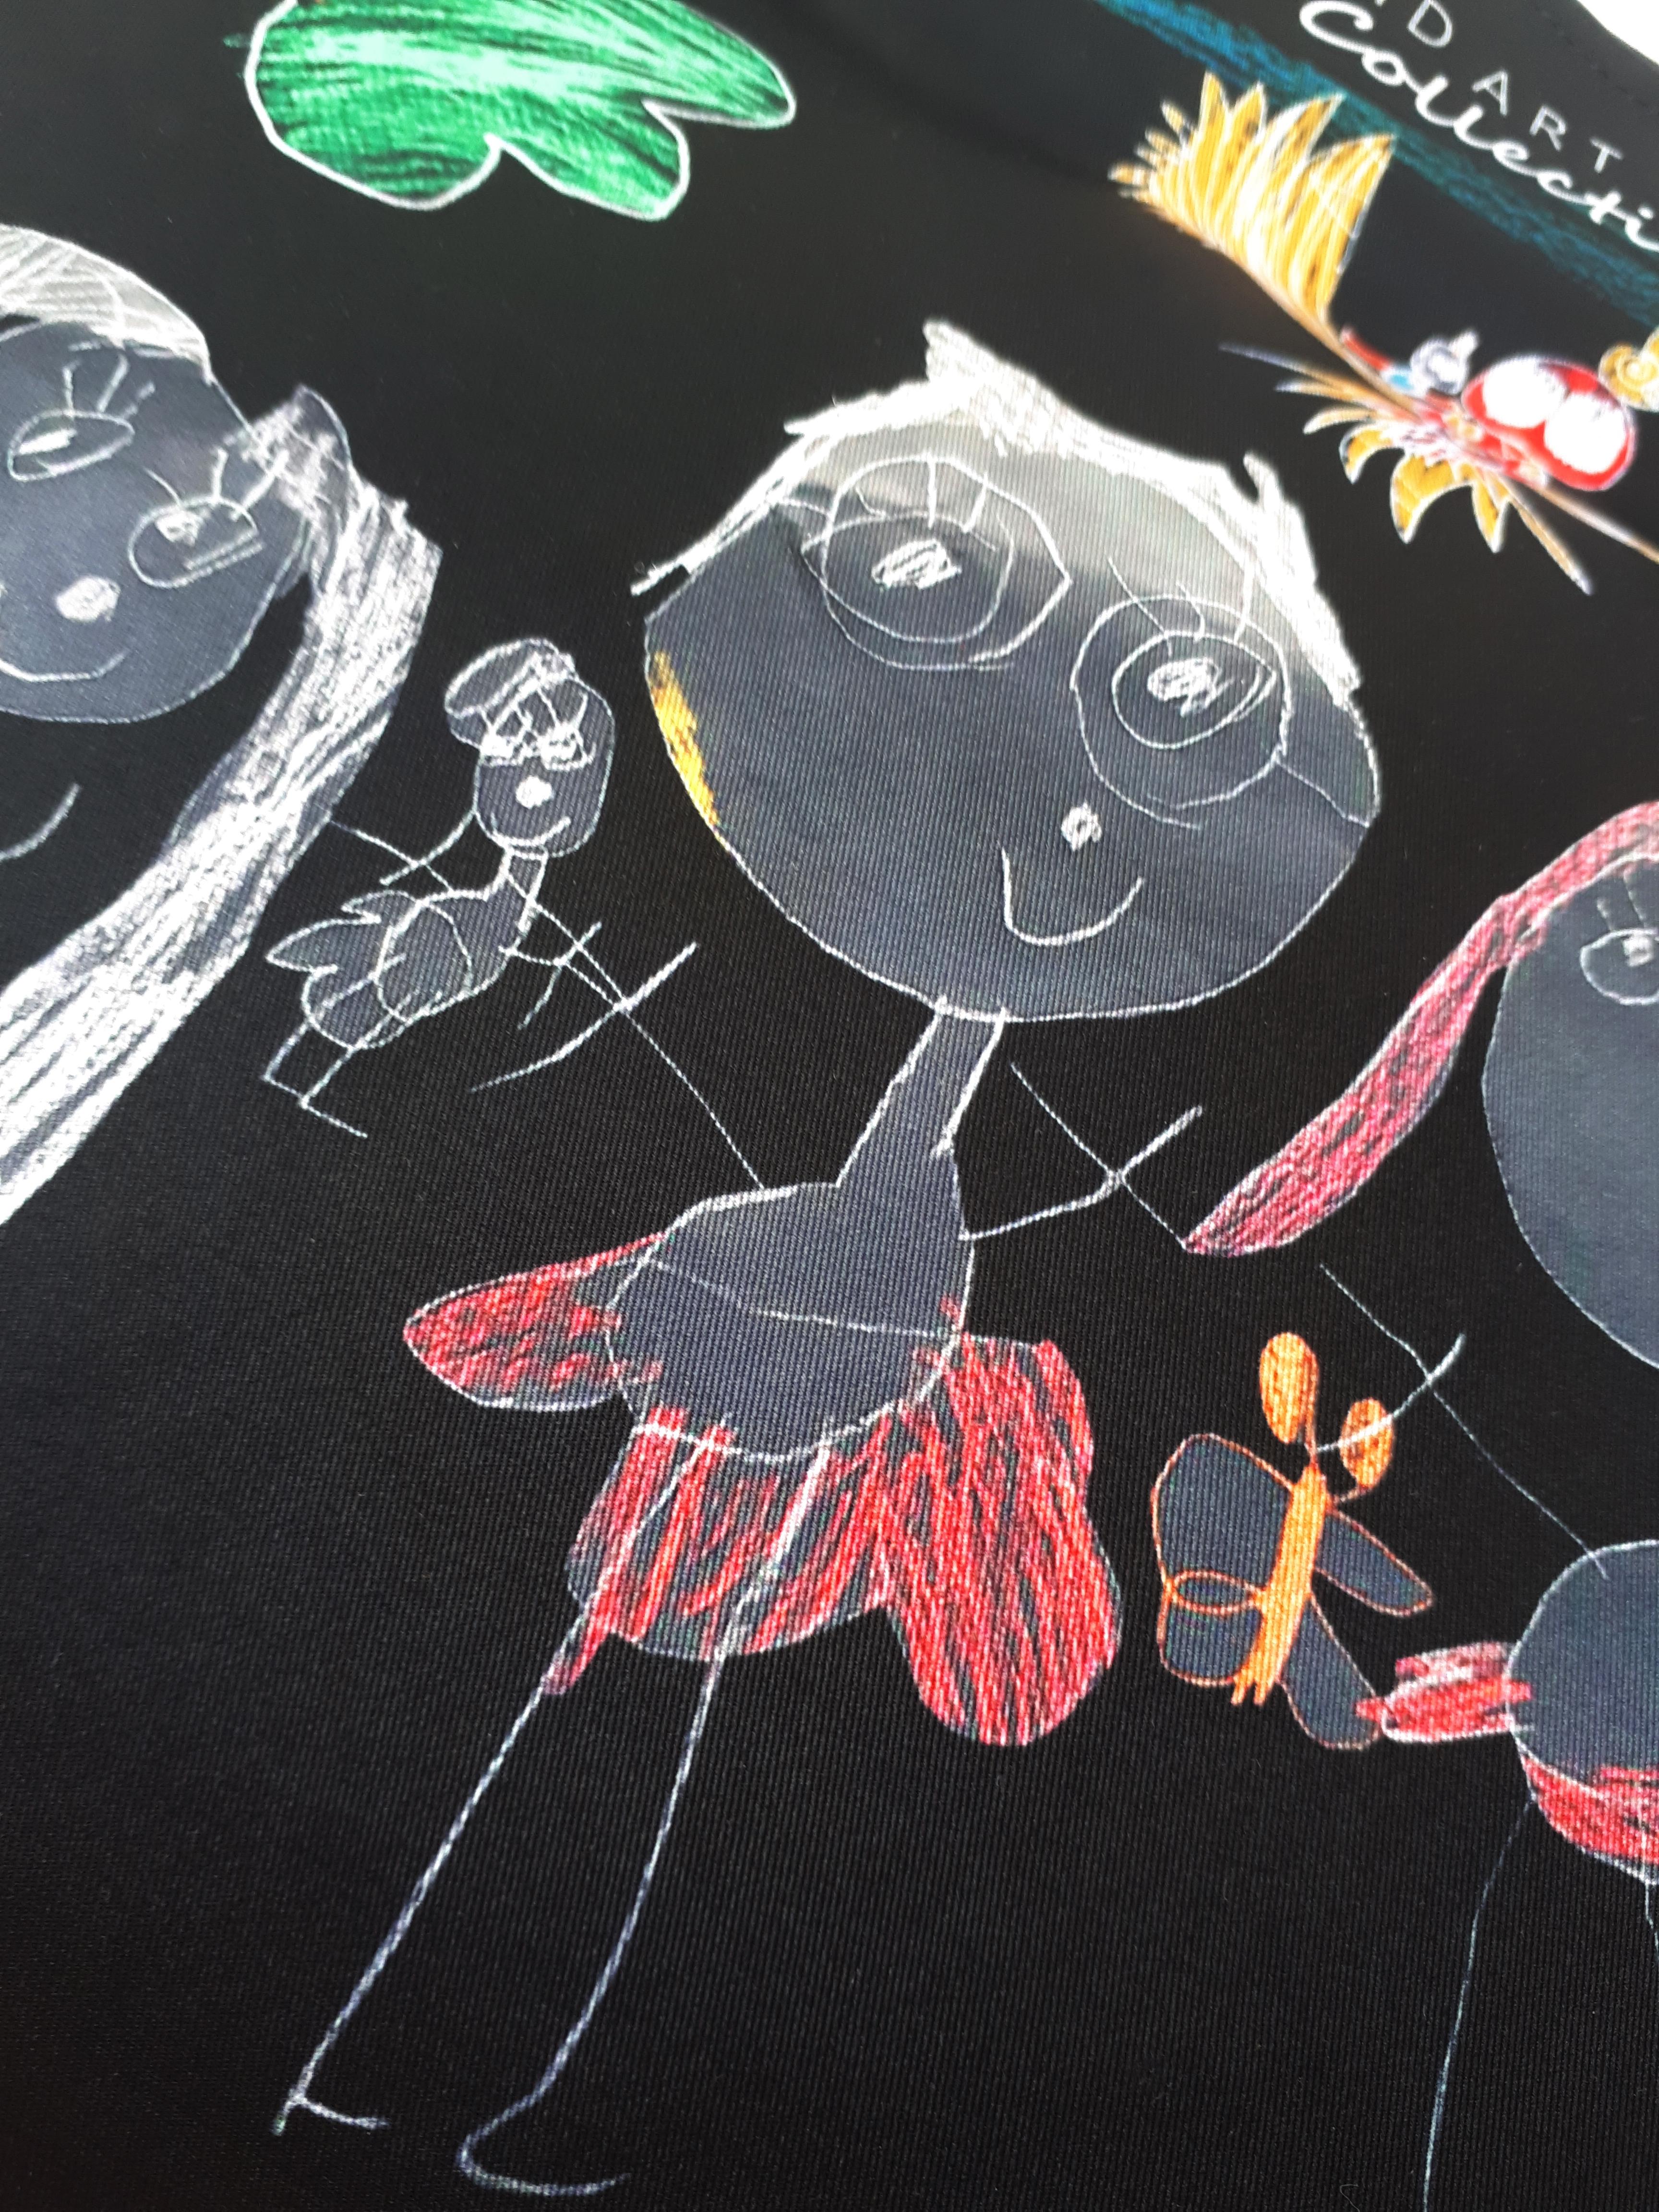 KID ART közepes női táska részlet